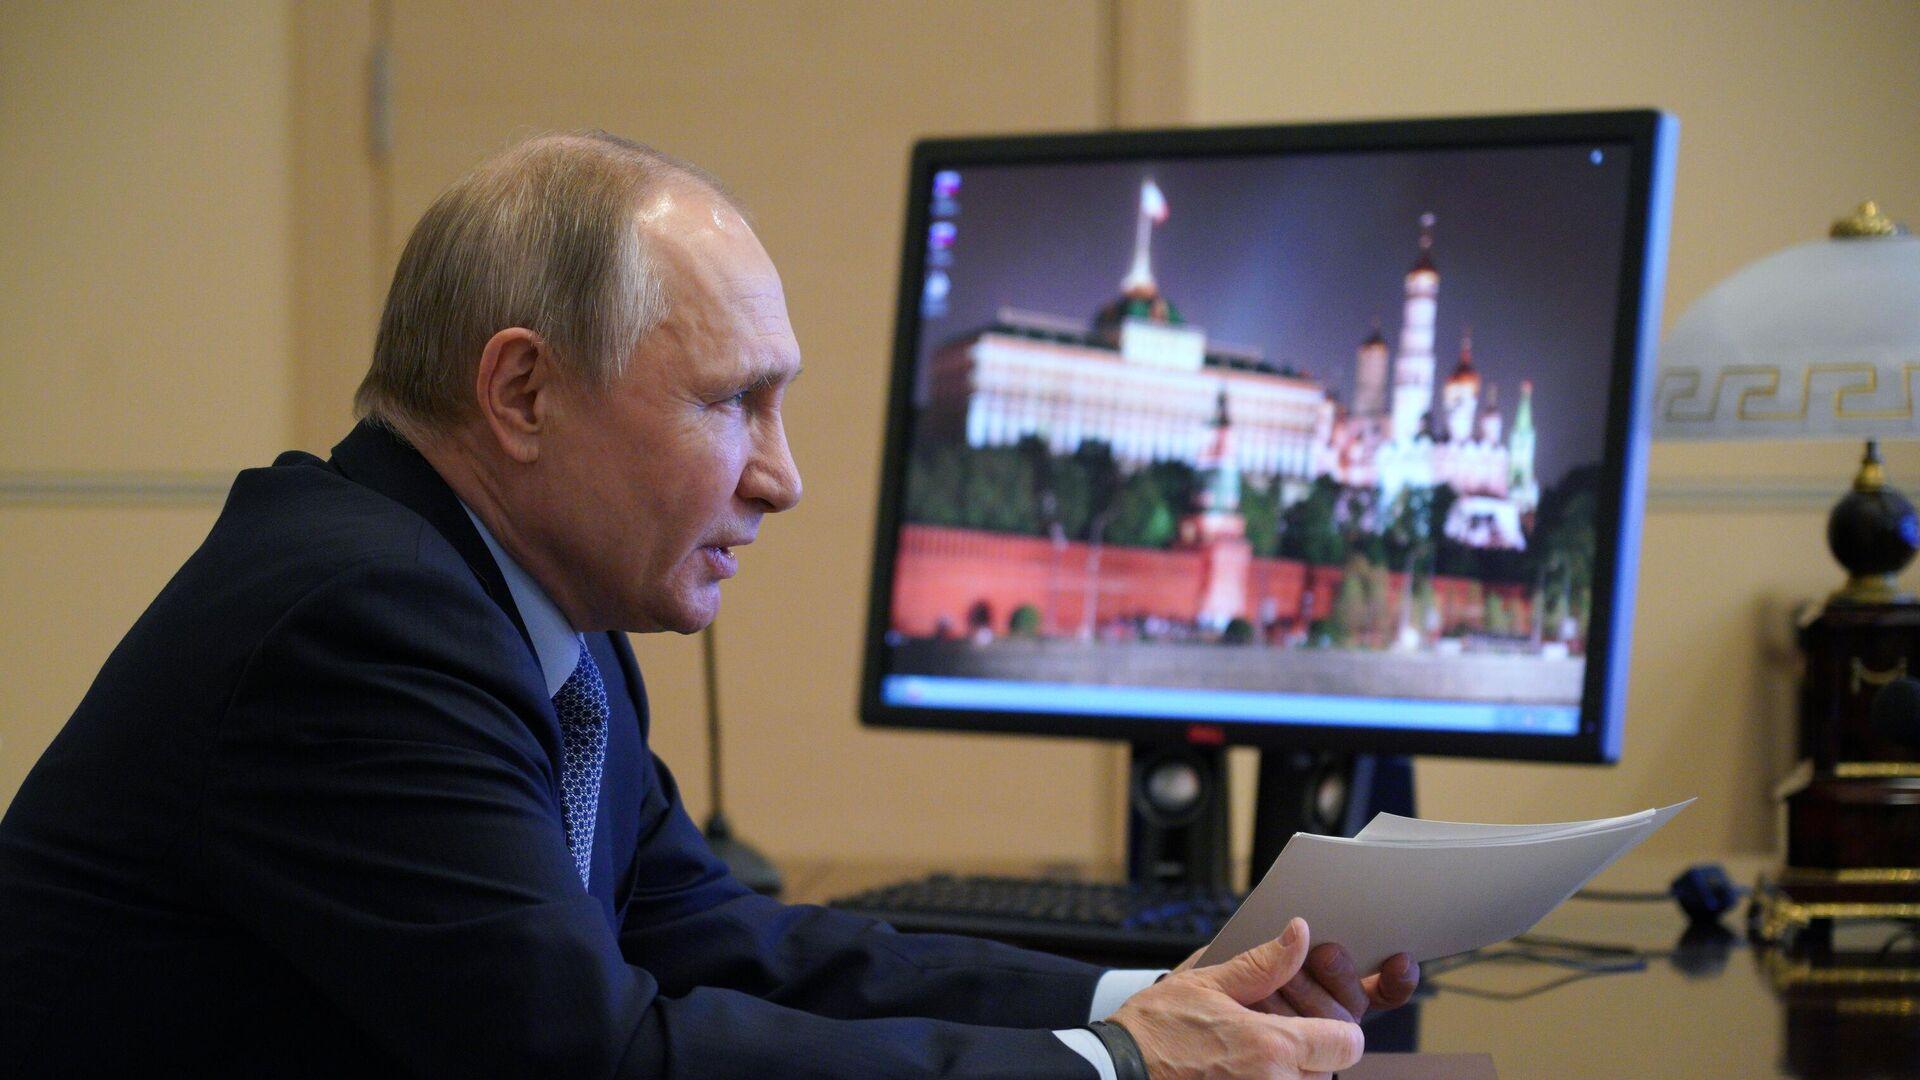 Президент РФ Владимир Путин проводит в режиме видеоконференции заседание Совета по межнациональным отношениям - РИА Новости, 1920, 30.03.2021